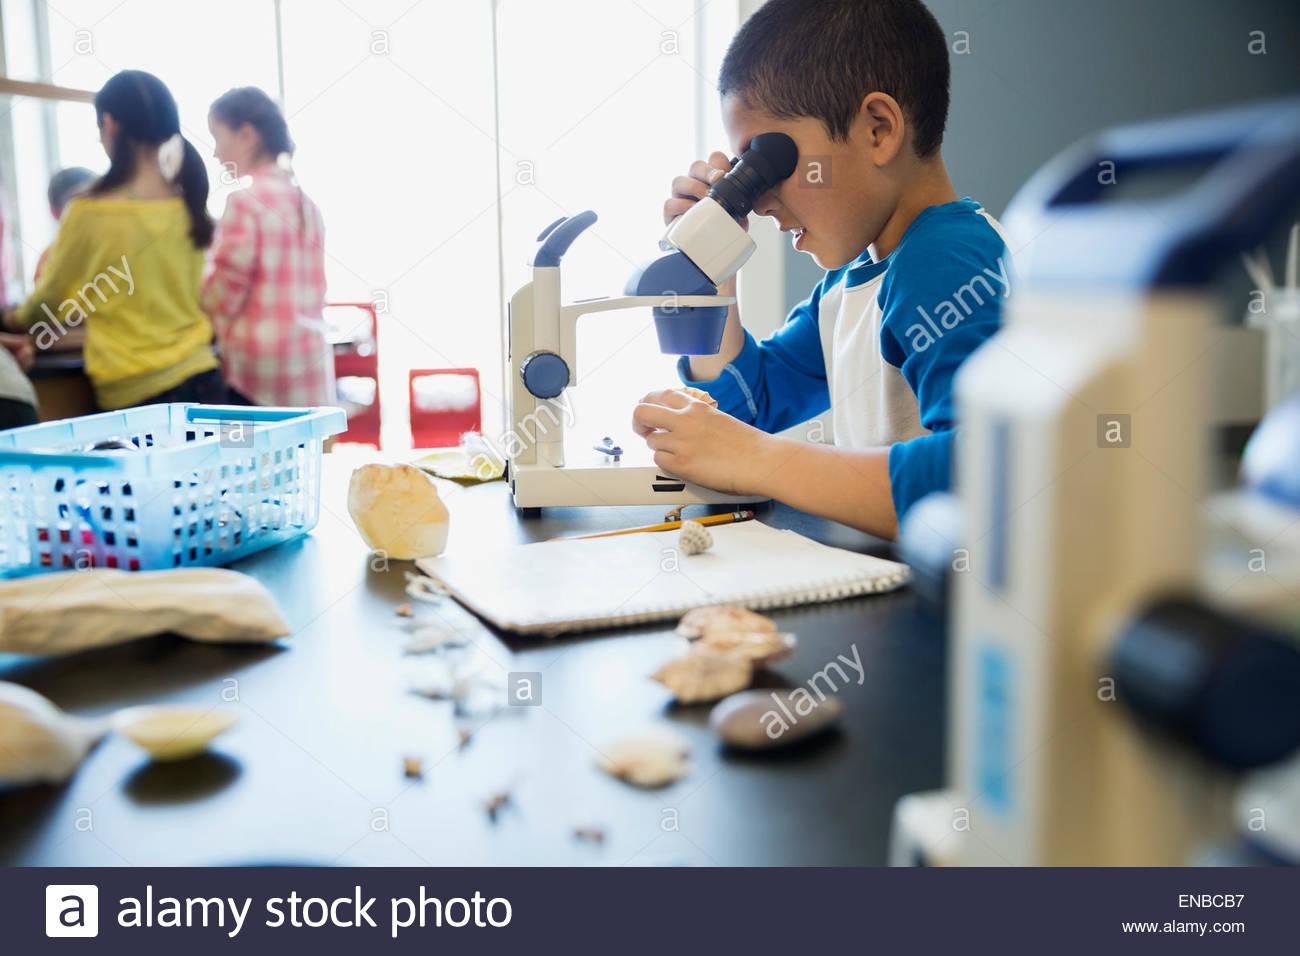 Scolaro usando microscopio nella scienza in aula di laboratorio Immagini Stock